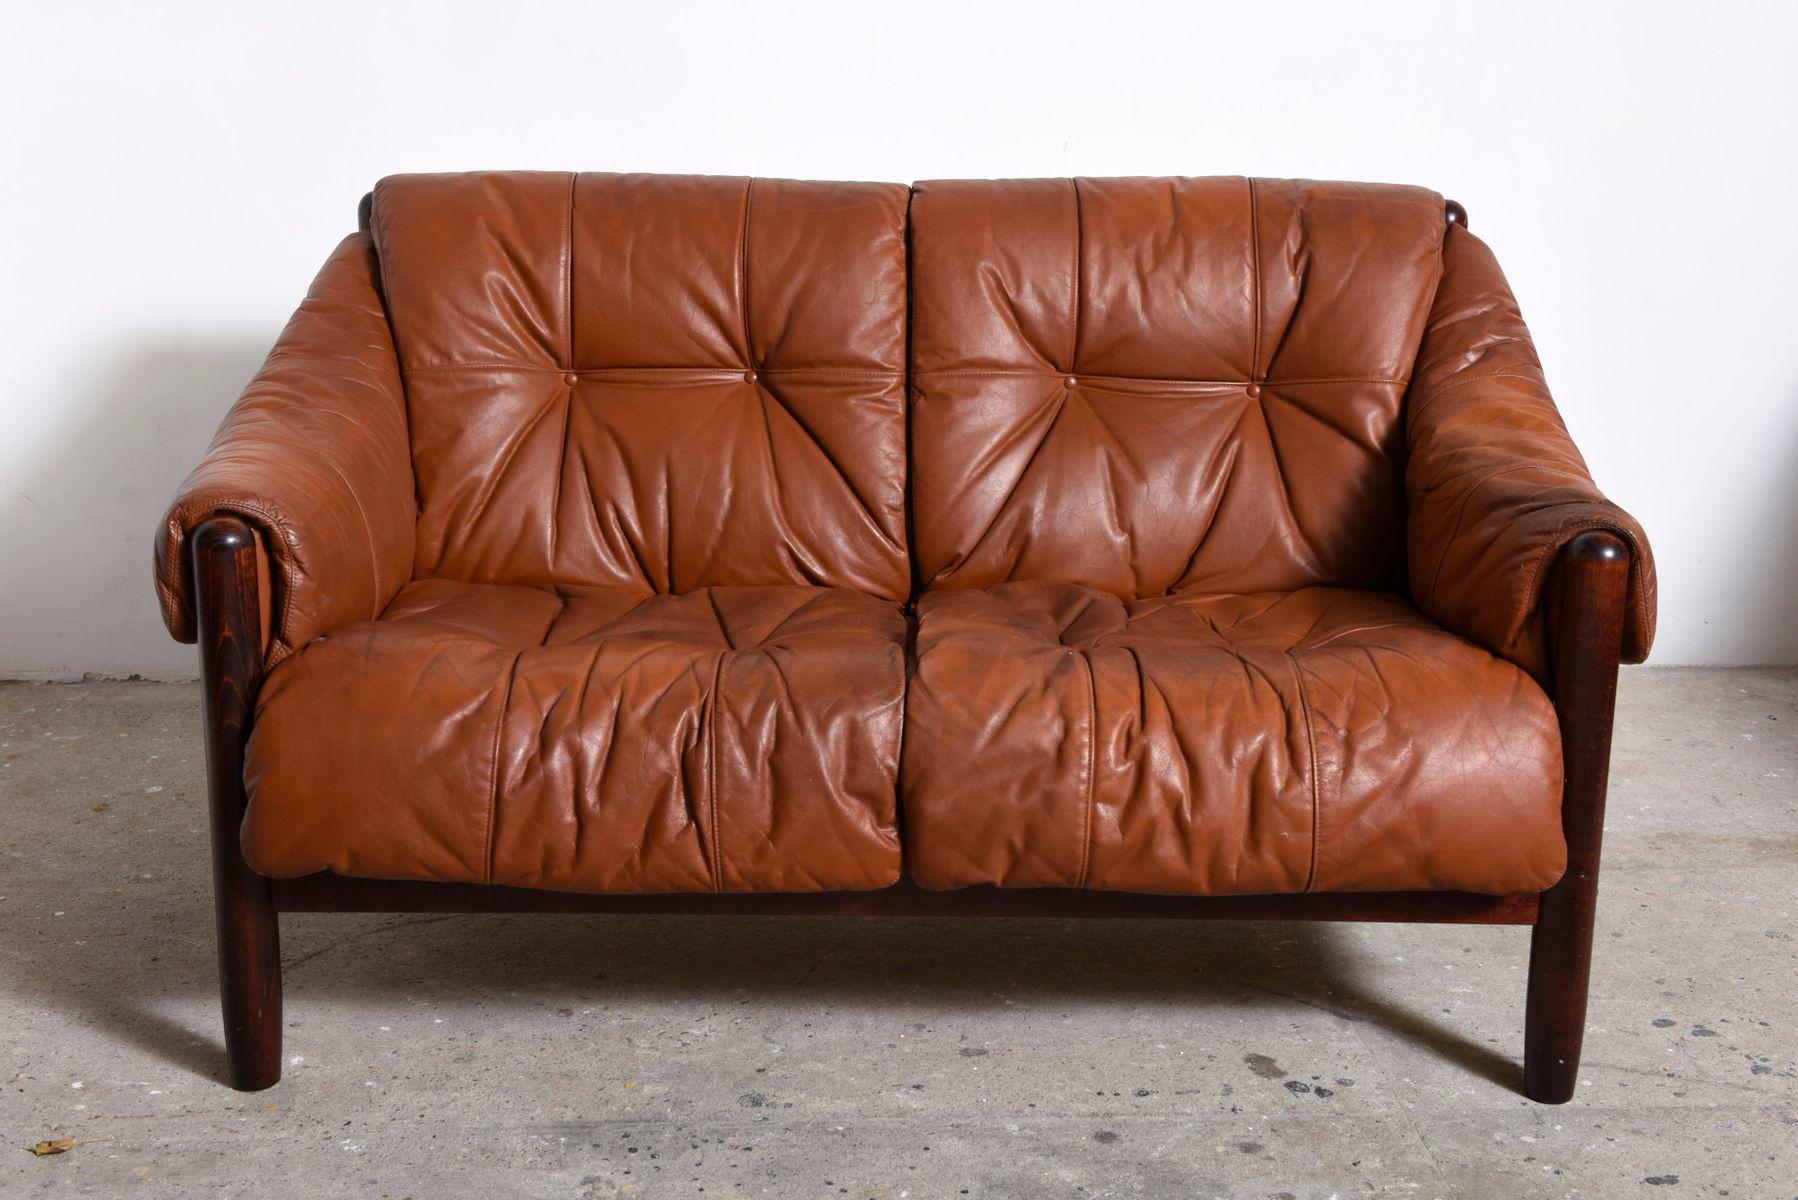 skandinavisches palisander leder zweisitzer sofa 1960er bei pamono kaufen. Black Bedroom Furniture Sets. Home Design Ideas